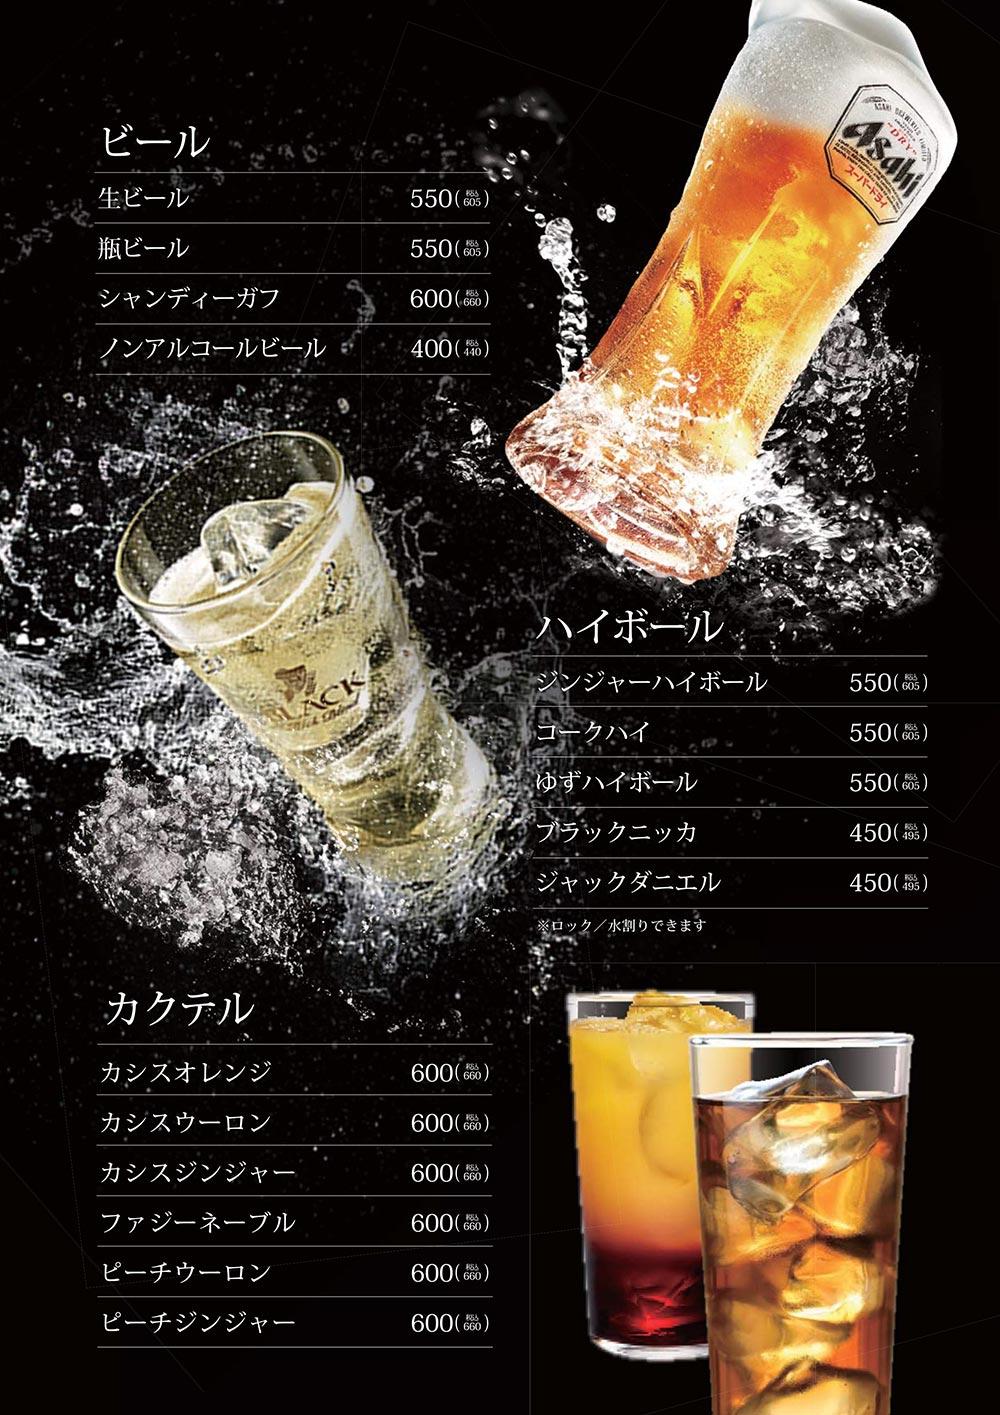 ビール・ハイボール・カクテル